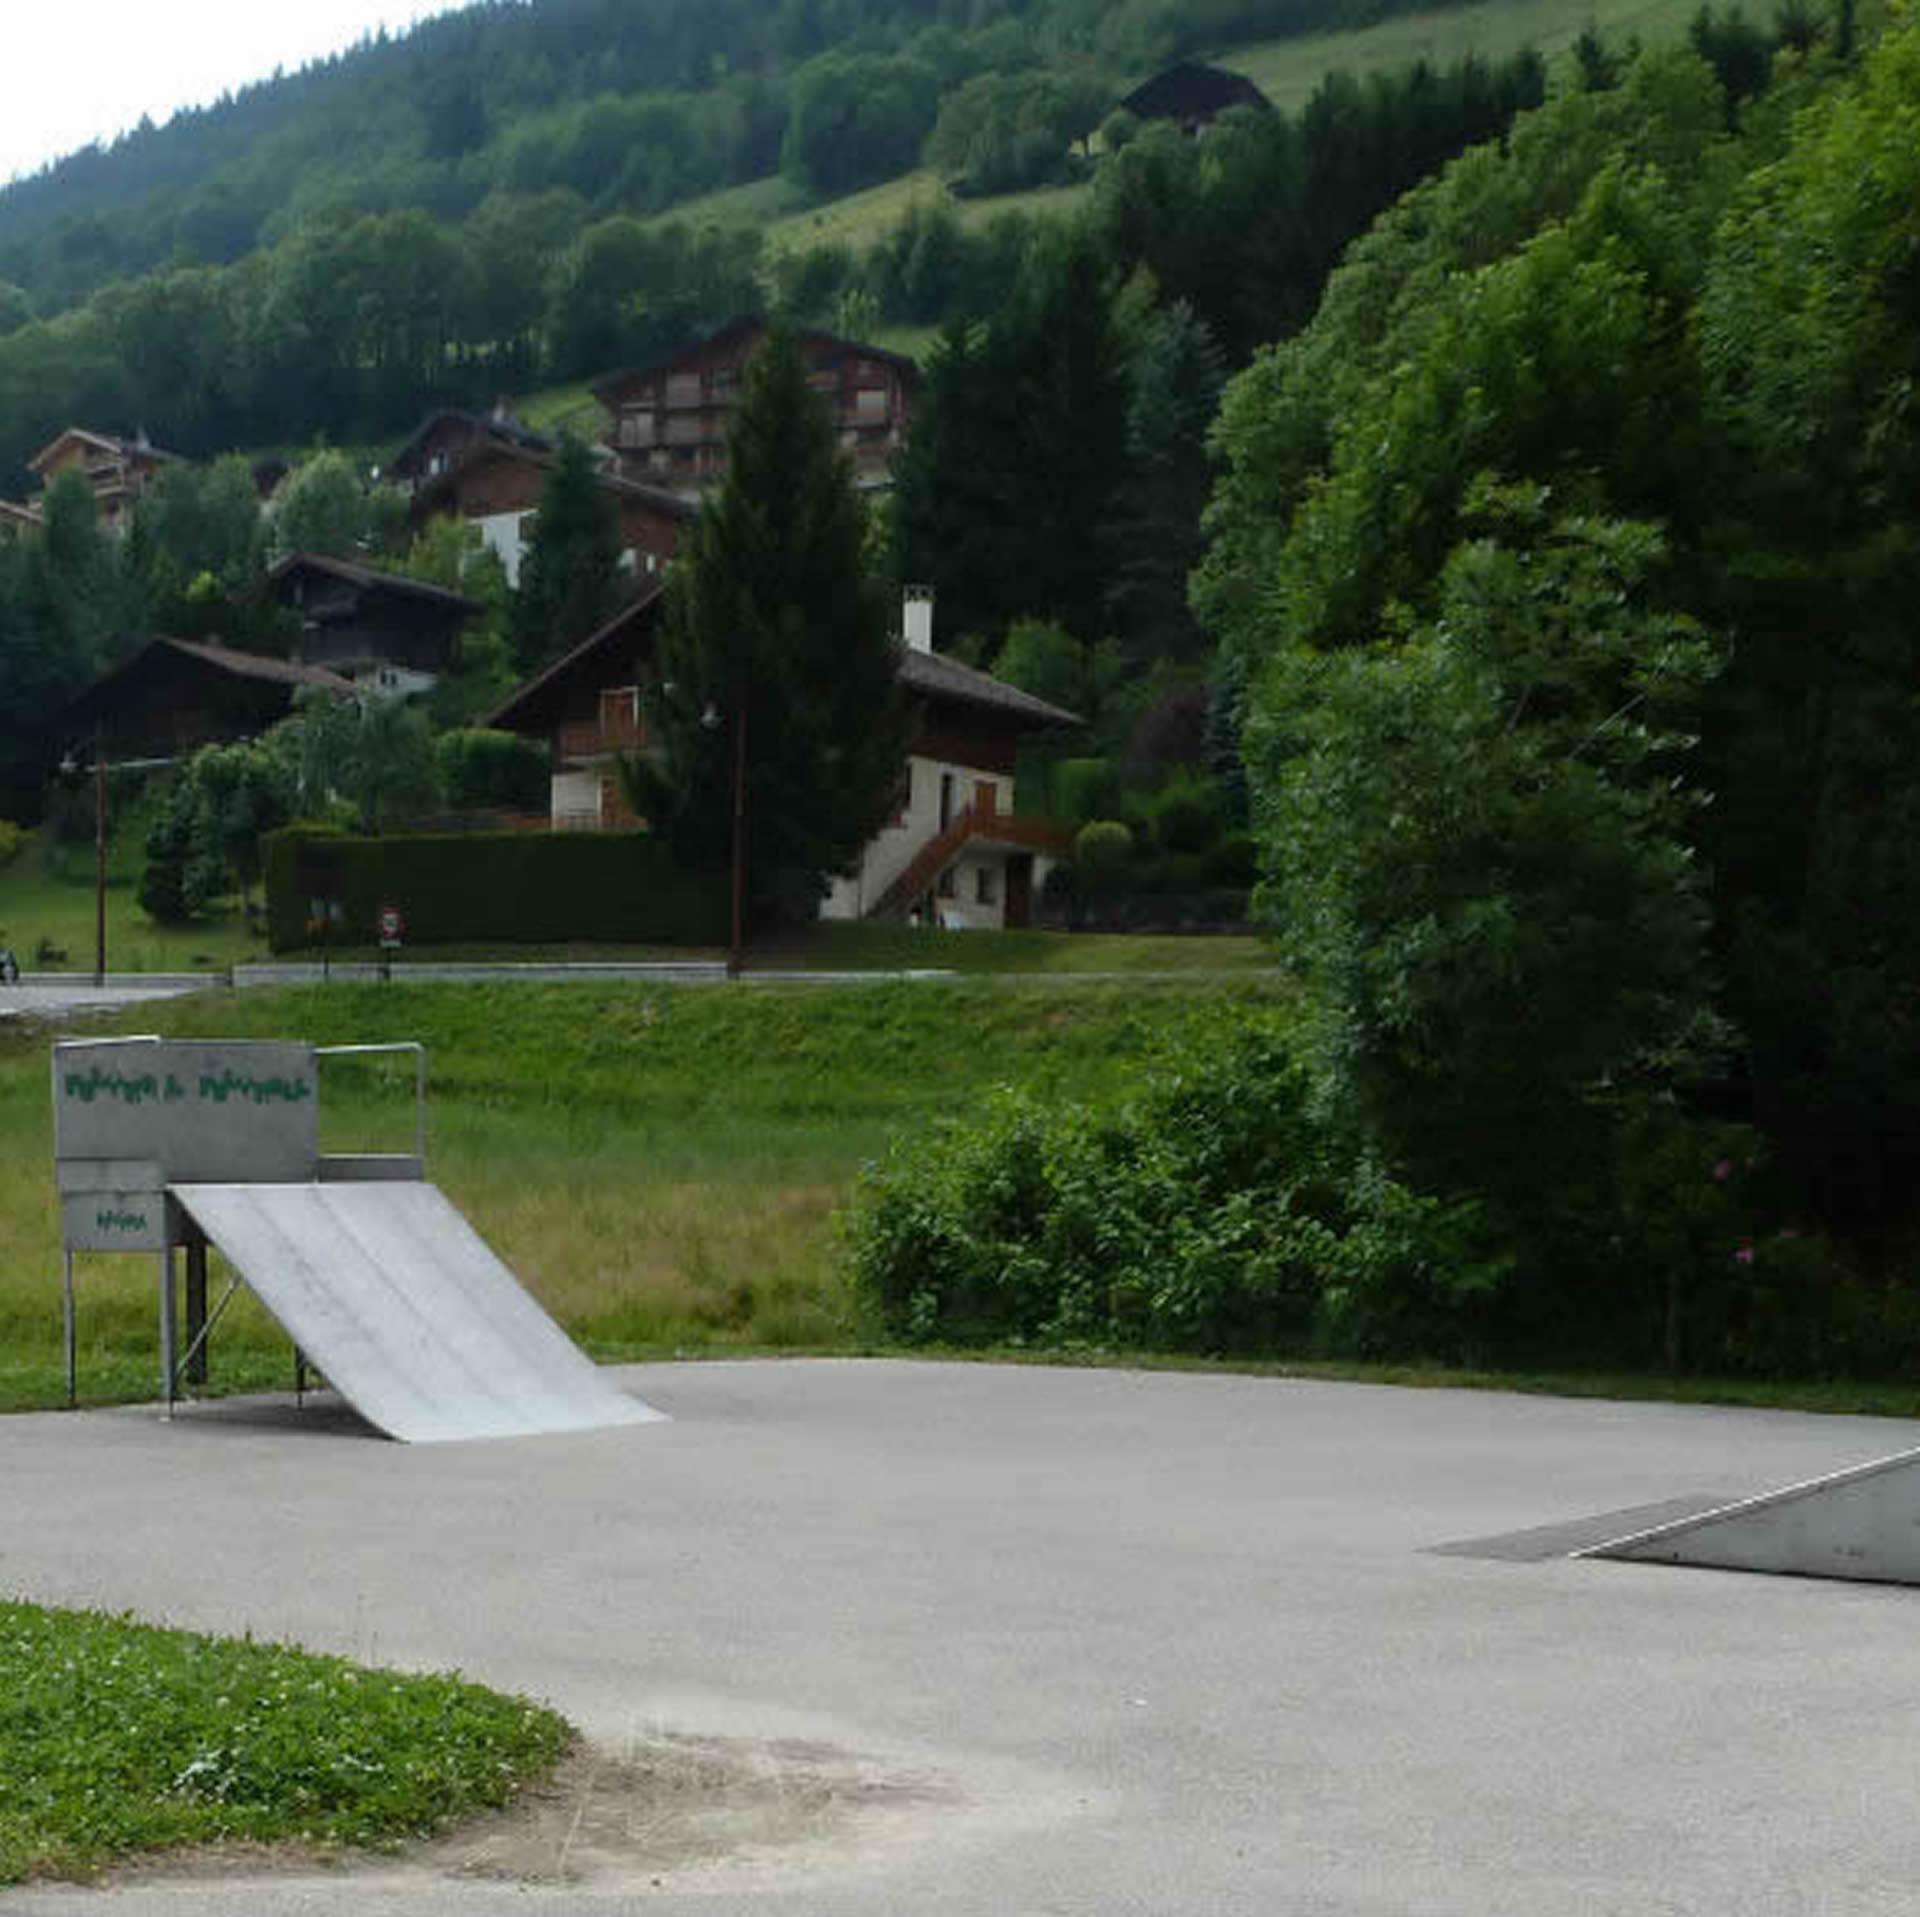 Skate Park and City Stade